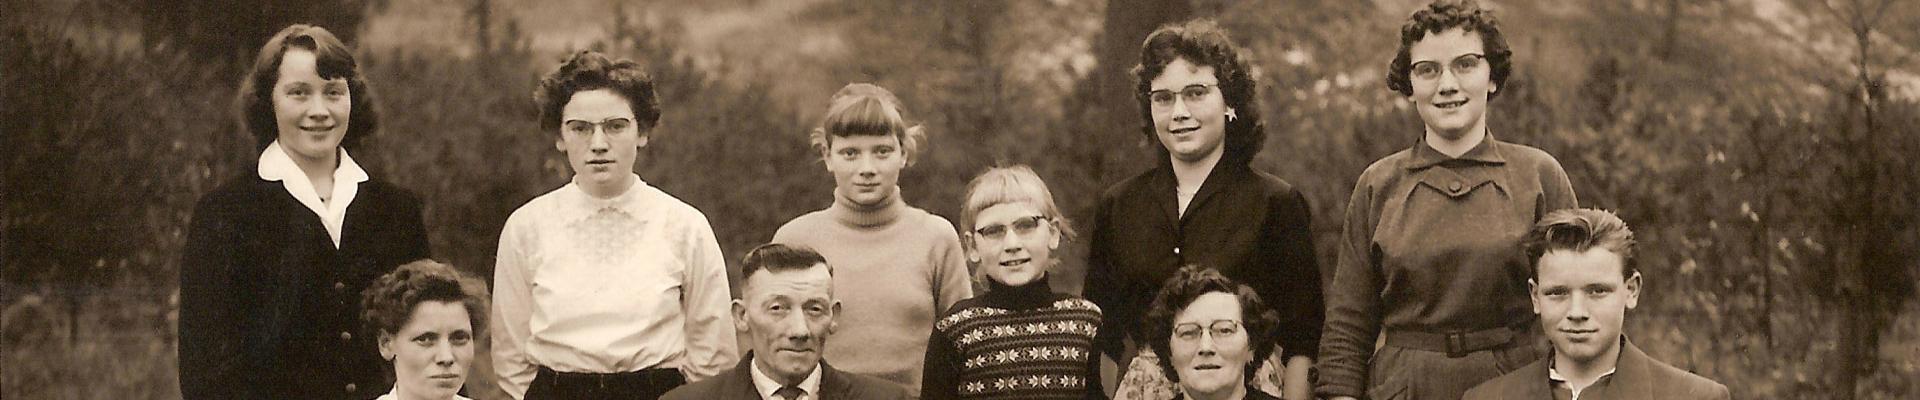 familie-1920